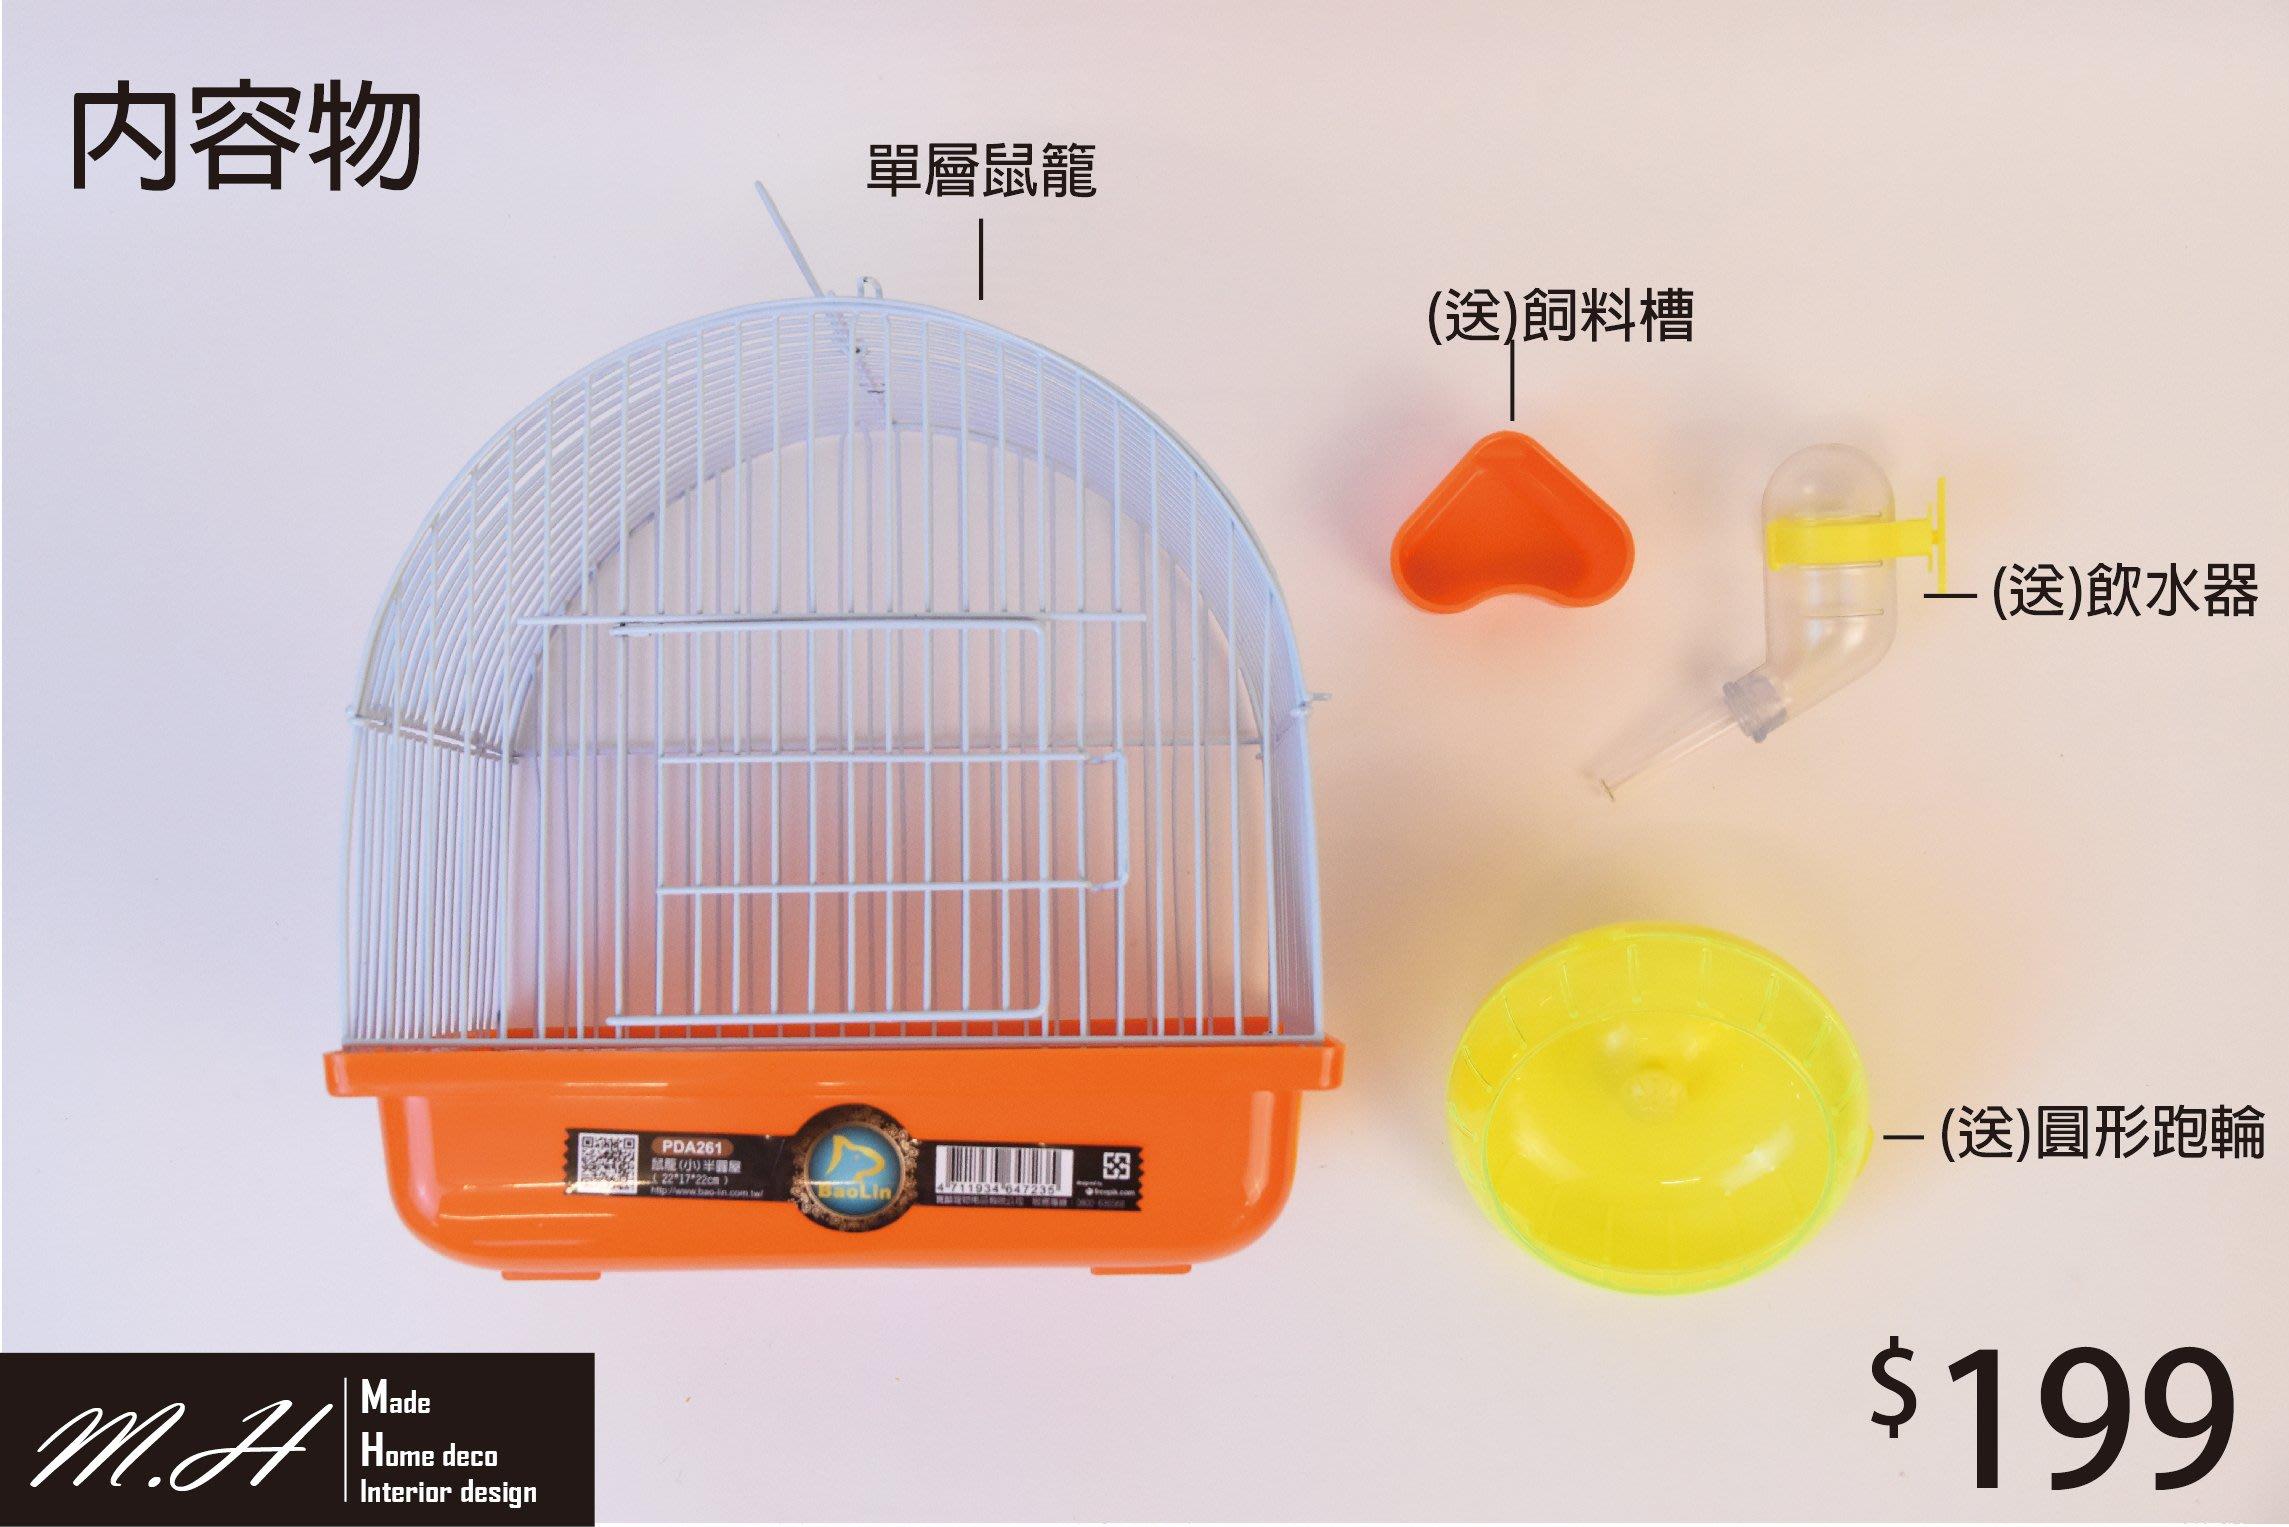 瑪奇傢居設計平價鼠籠 倉鼠籠 鼠籠 老鼠籠 黃金鼠 銀狐 單層鼠籠 外出籠 倉鼠玩具 食碗 飲水器 寵物 鼠